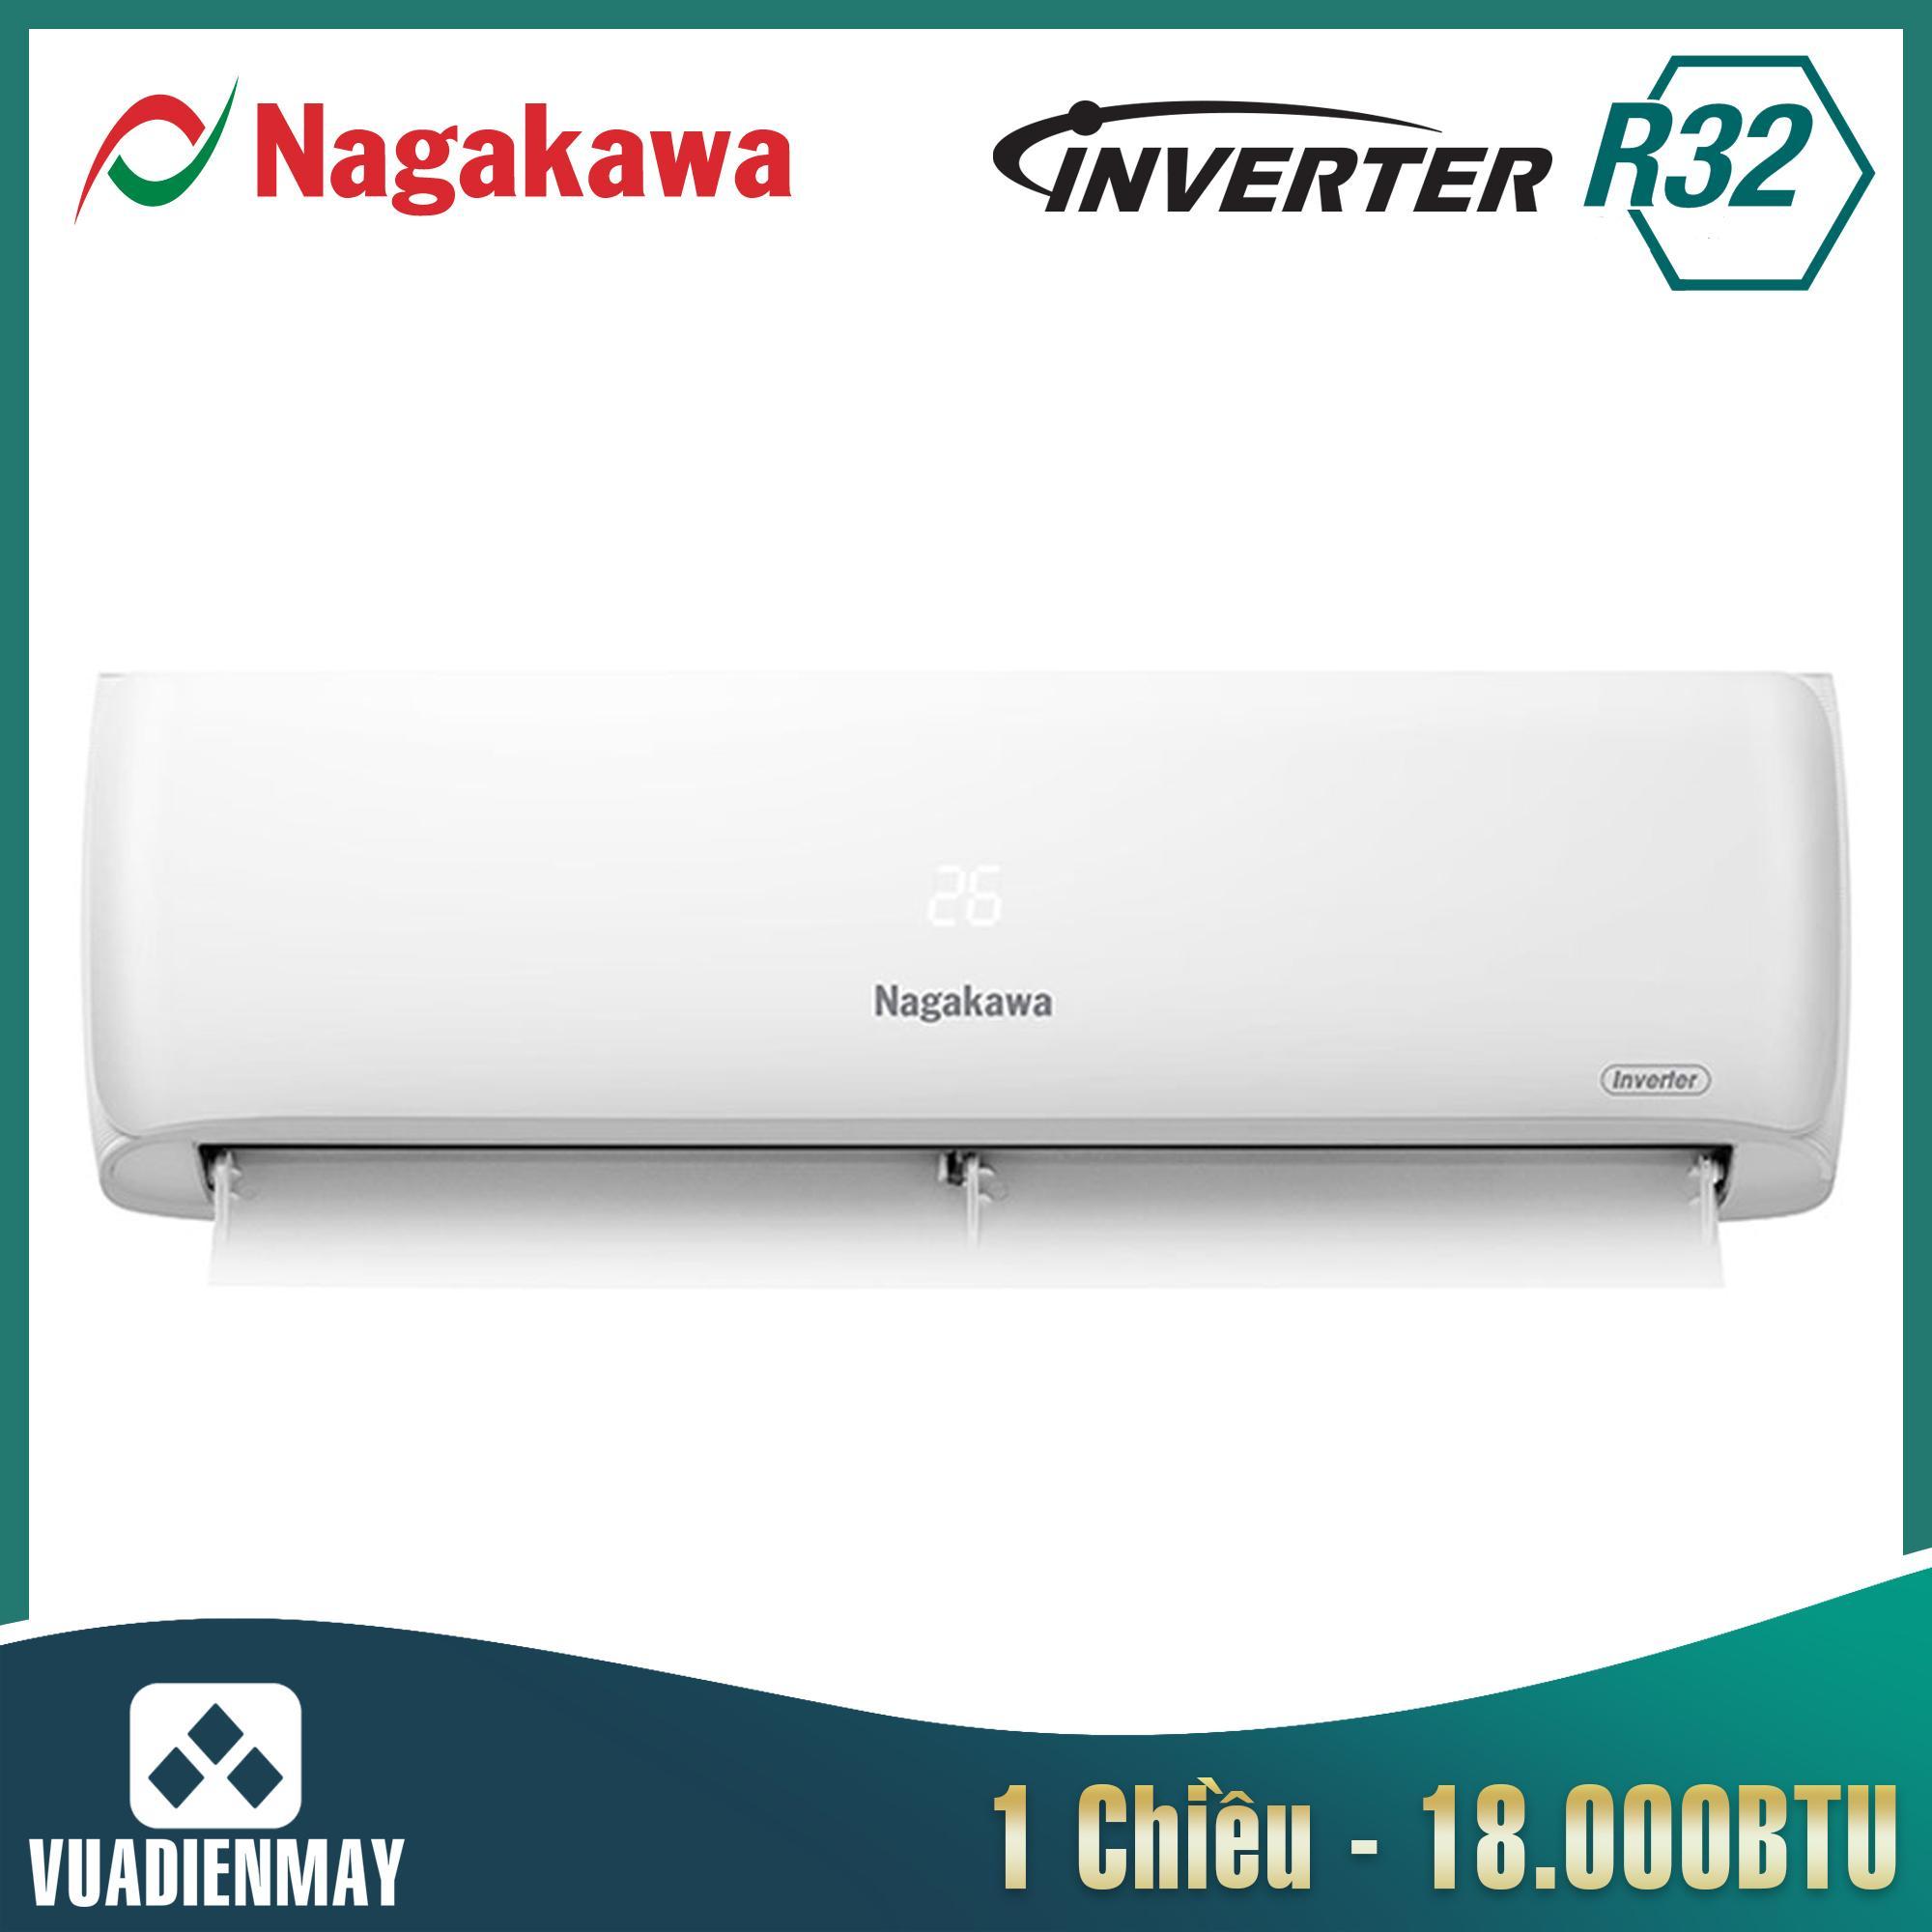 NIS-C18R2H08, Điều hòa Nagakawa 18000BTU 1 chiều inverter